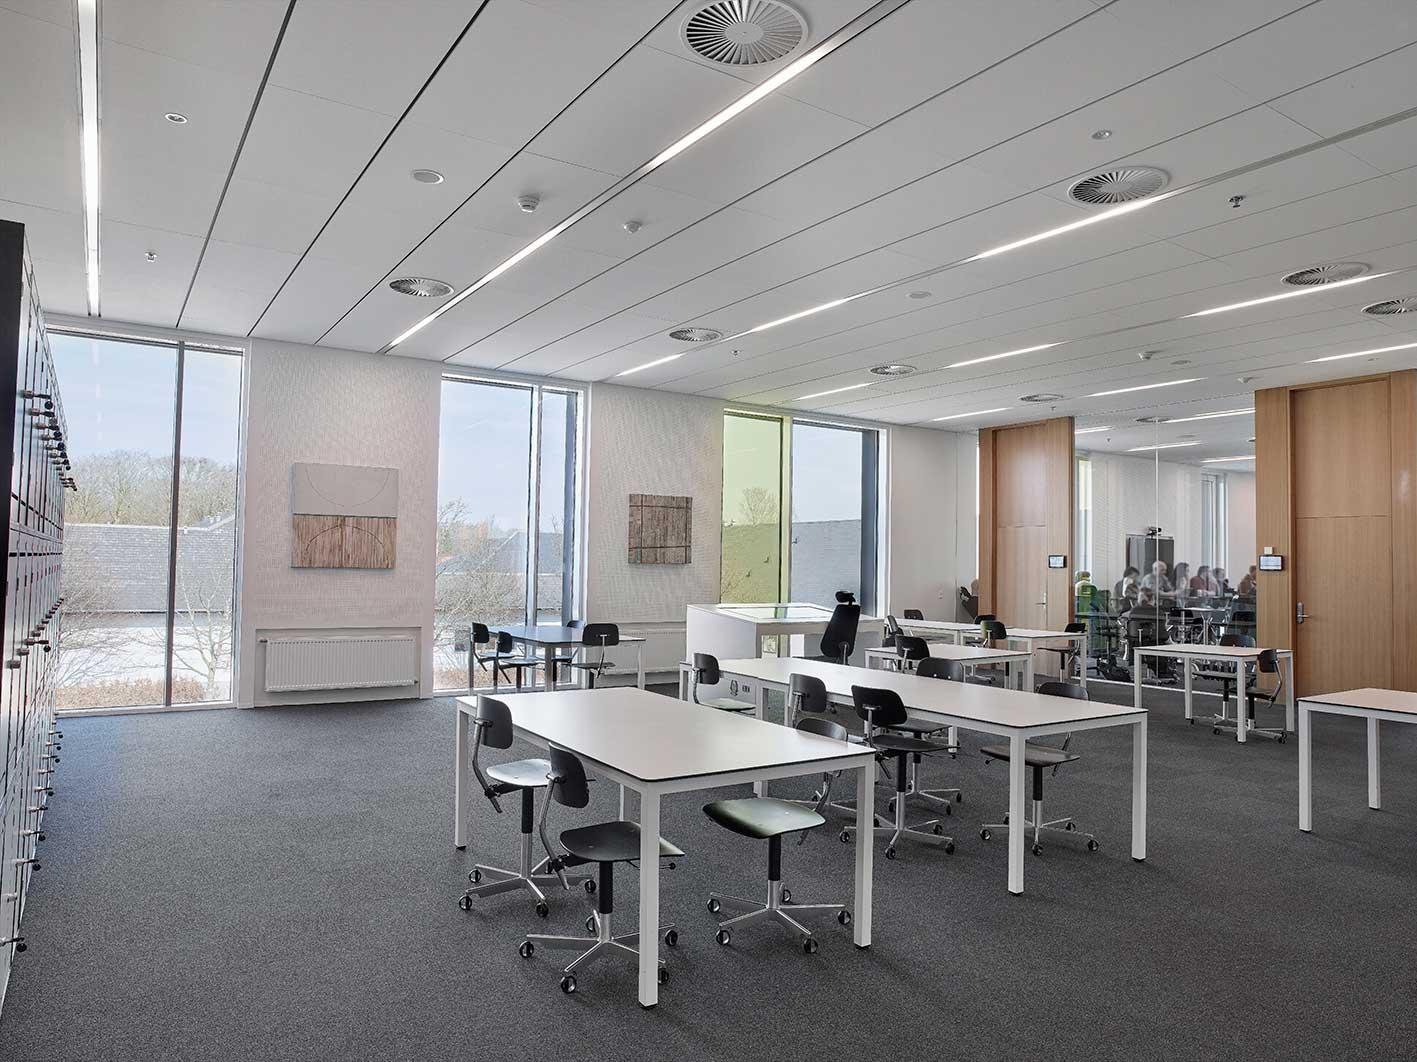 Matric Recessed Frameless F3 indbygget i loftet i det åbne undervisningsmiljø samt i klasselokaler - Luminex